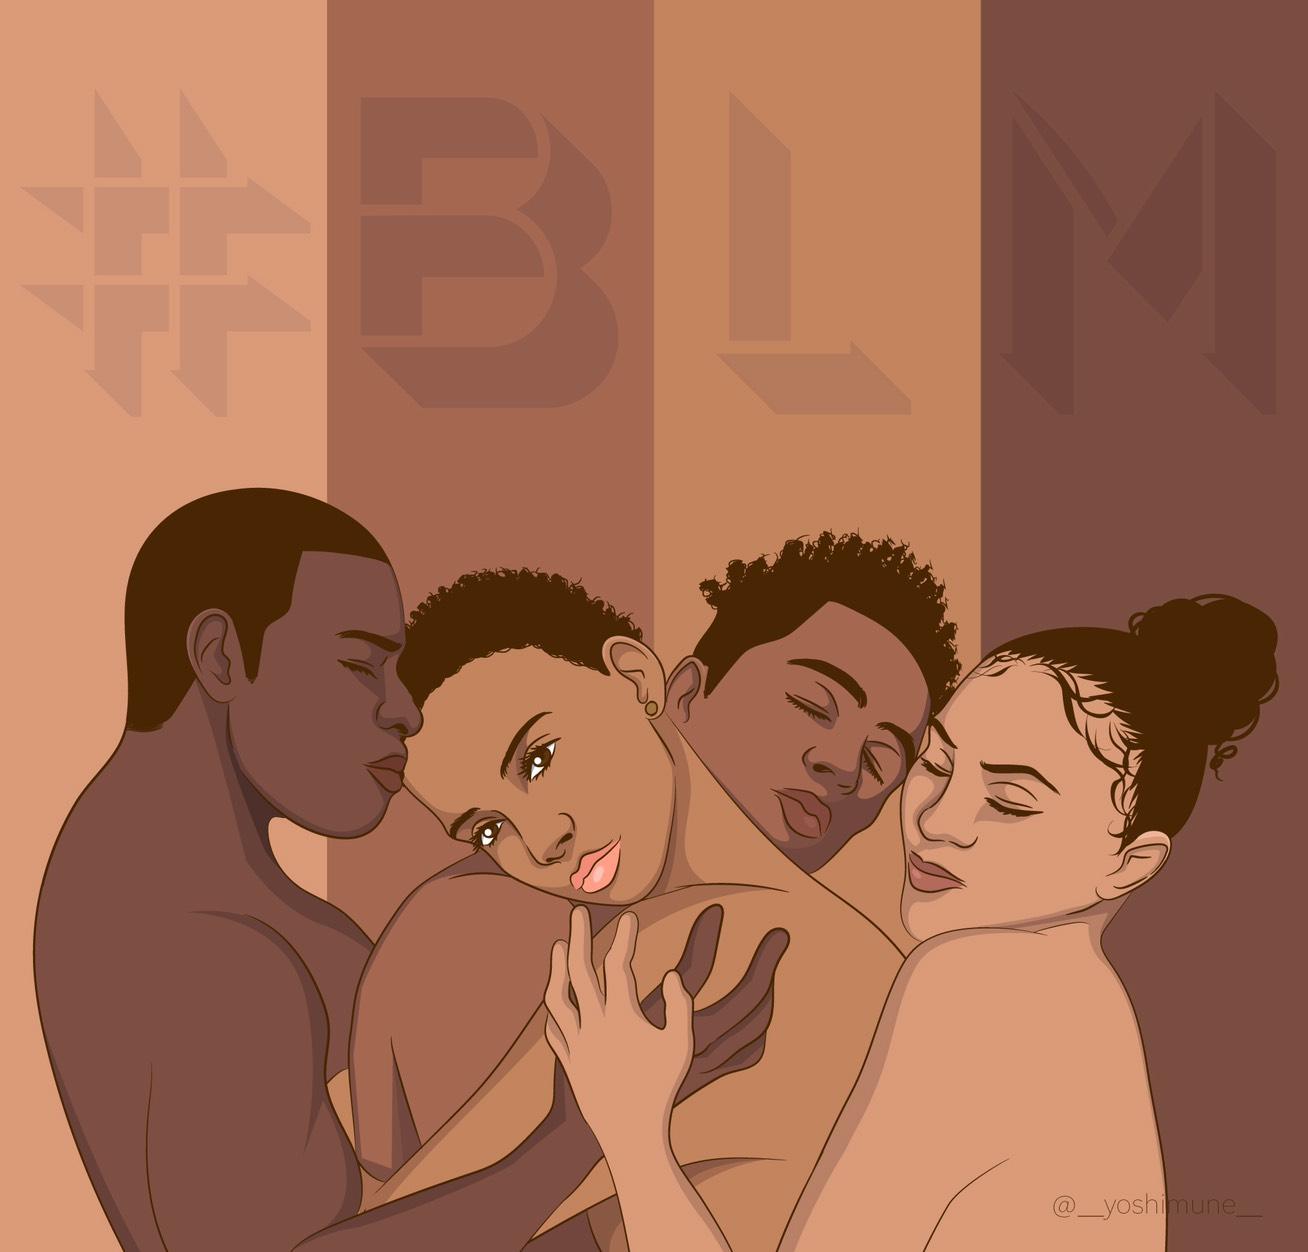 今アメリカで起こっていること #BlackLivesMatter #blm